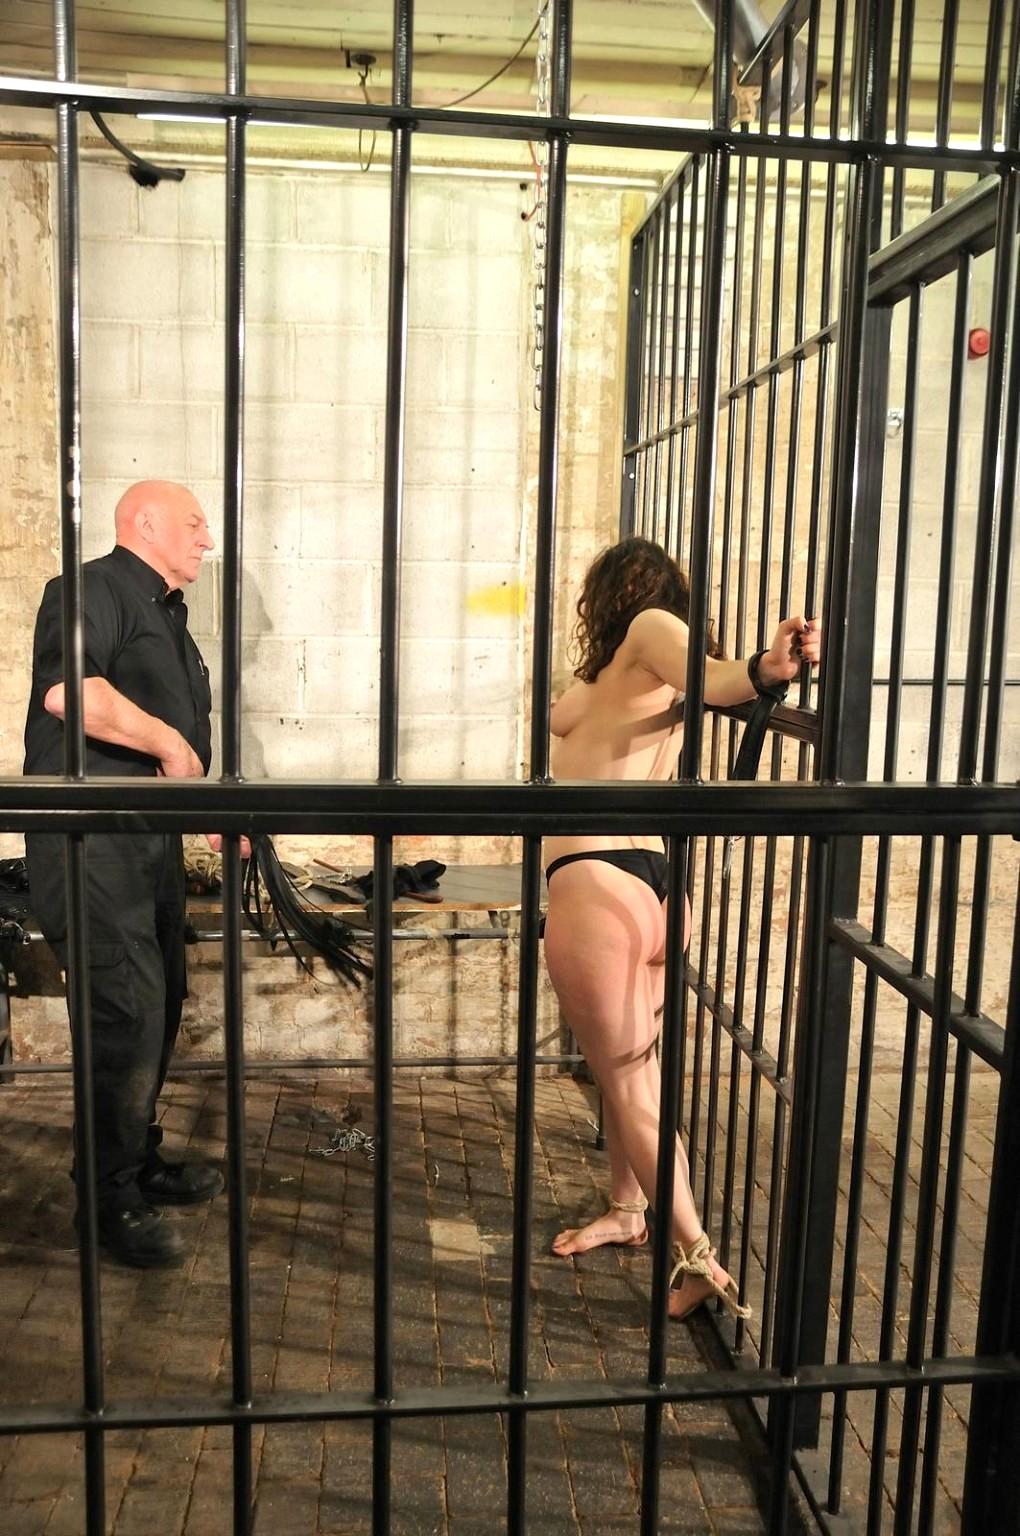 Bondage stories prisoner